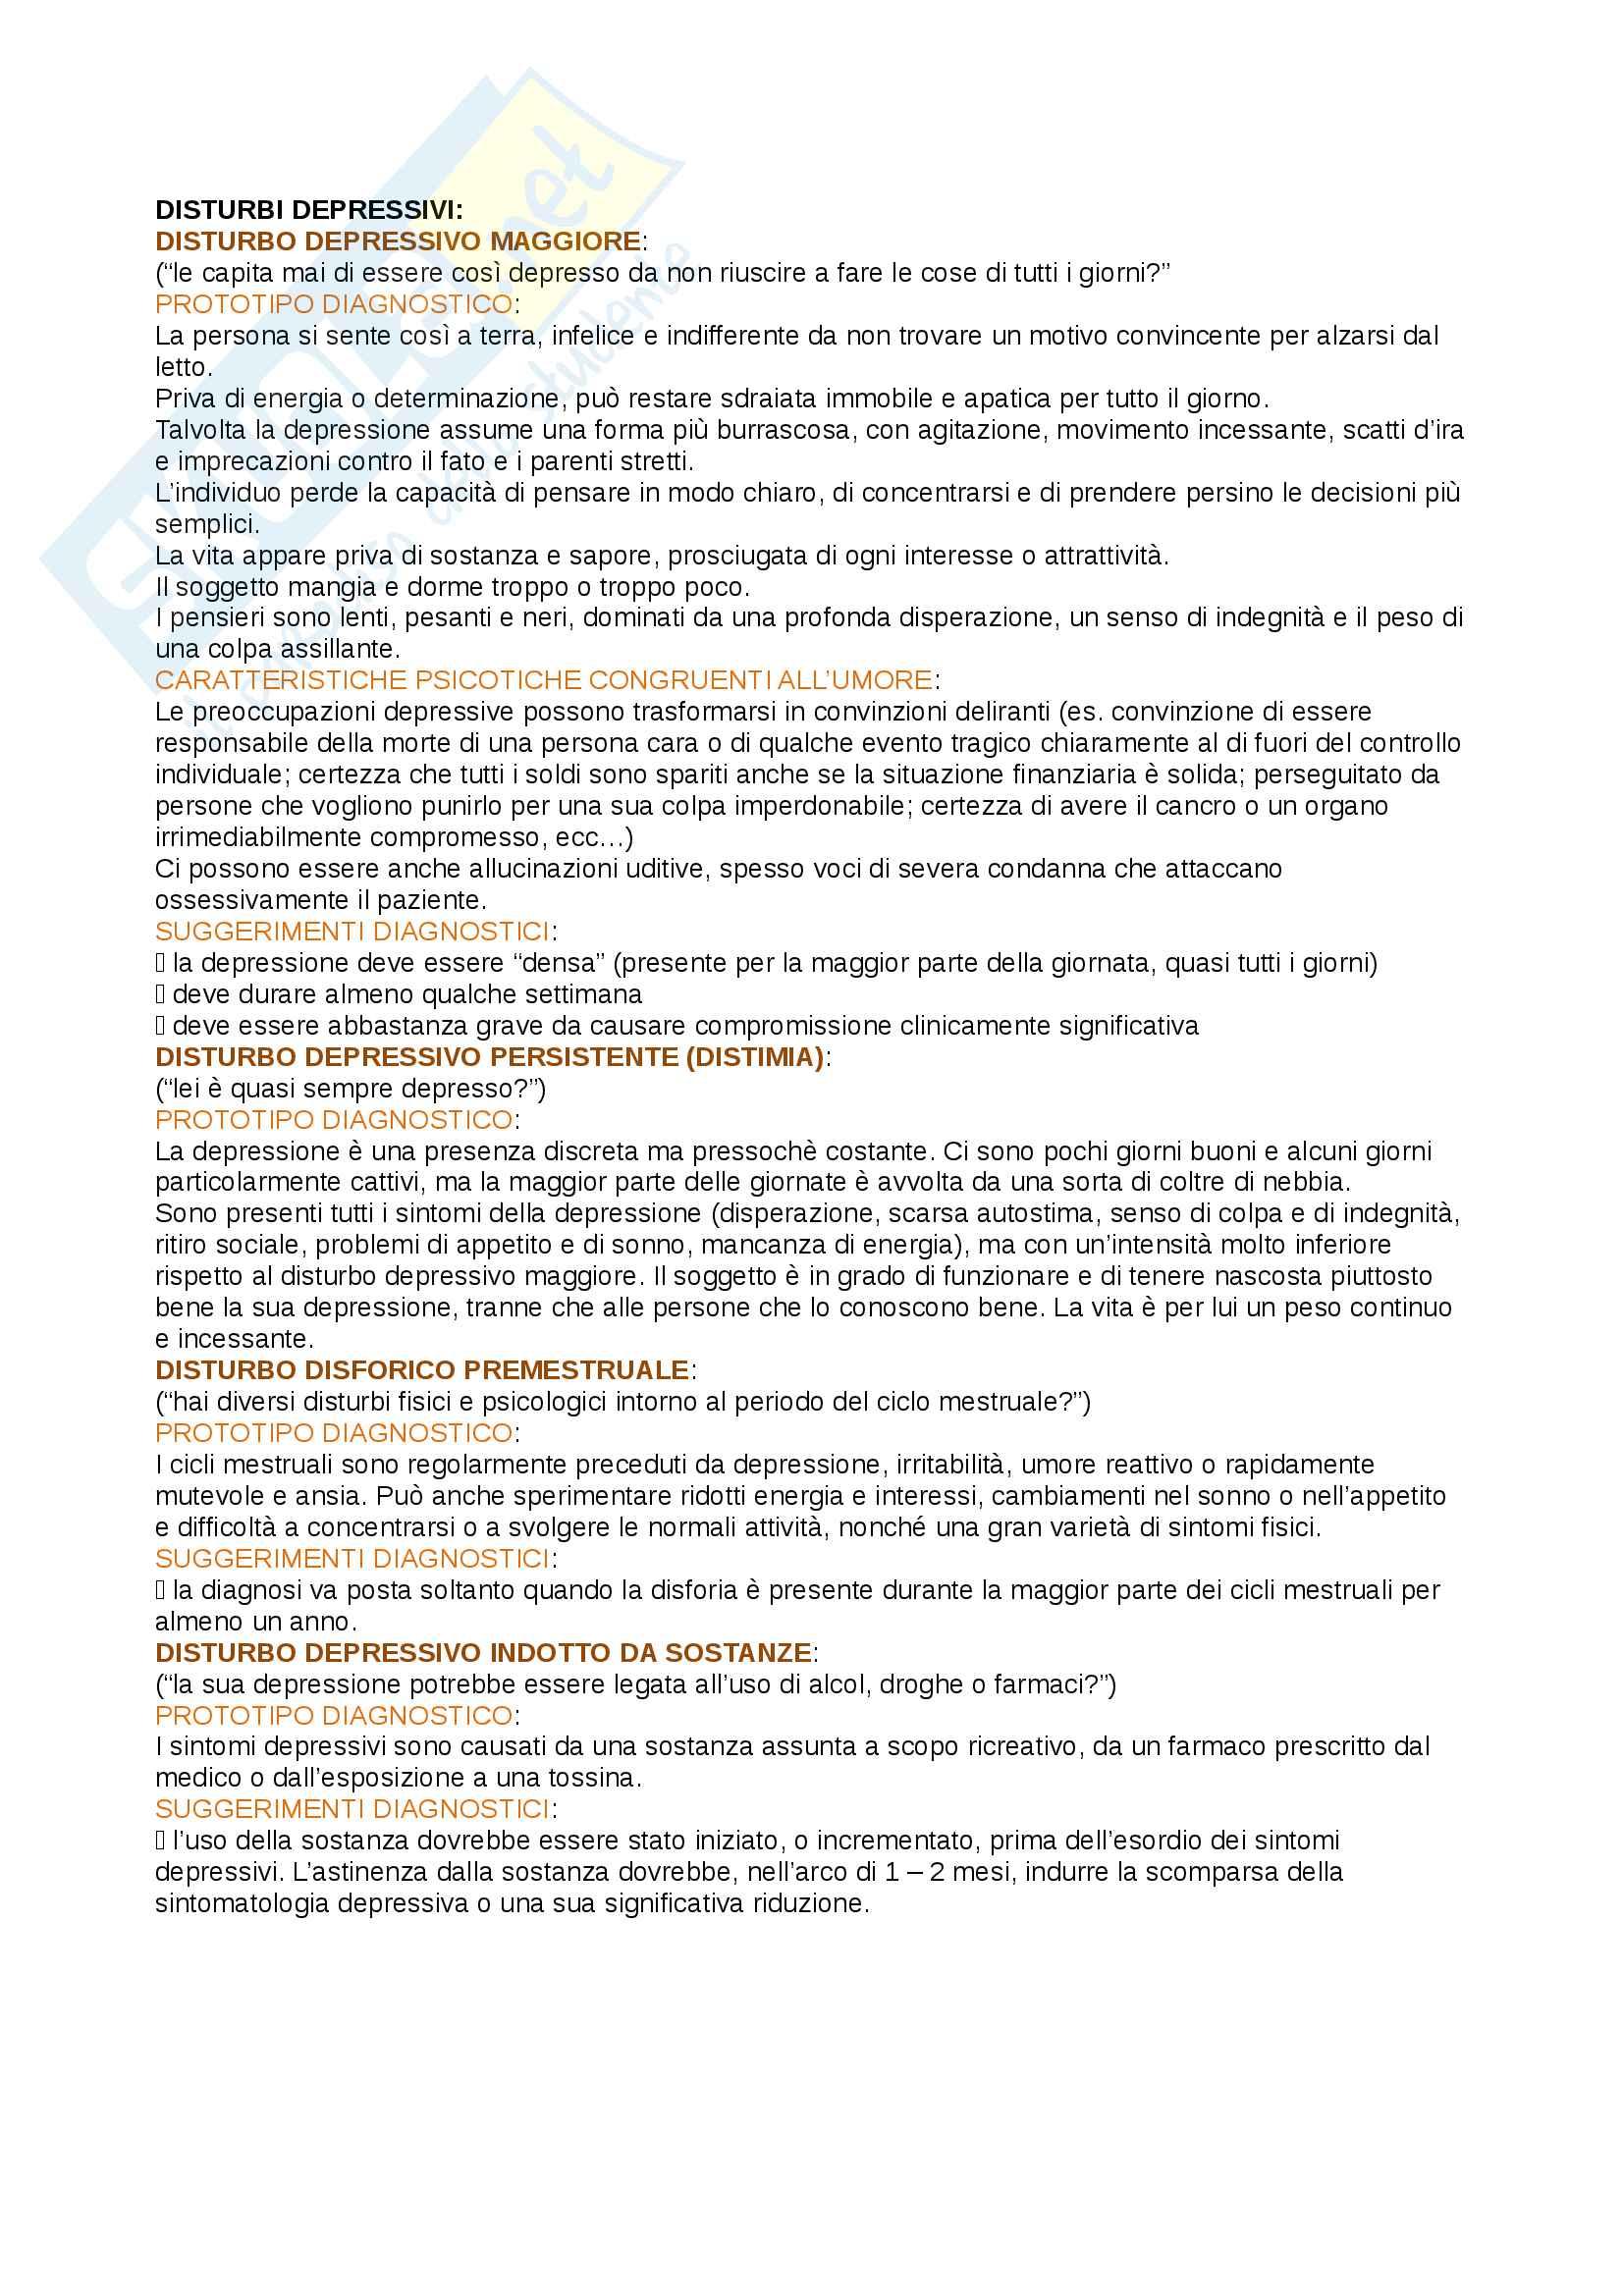 Riassunto esame psicopatologia generale, prof Antonio Prunas, libro consigliato DSM - 5, psicologia clinica, kring, la diagnosi in psichiatria, Frances